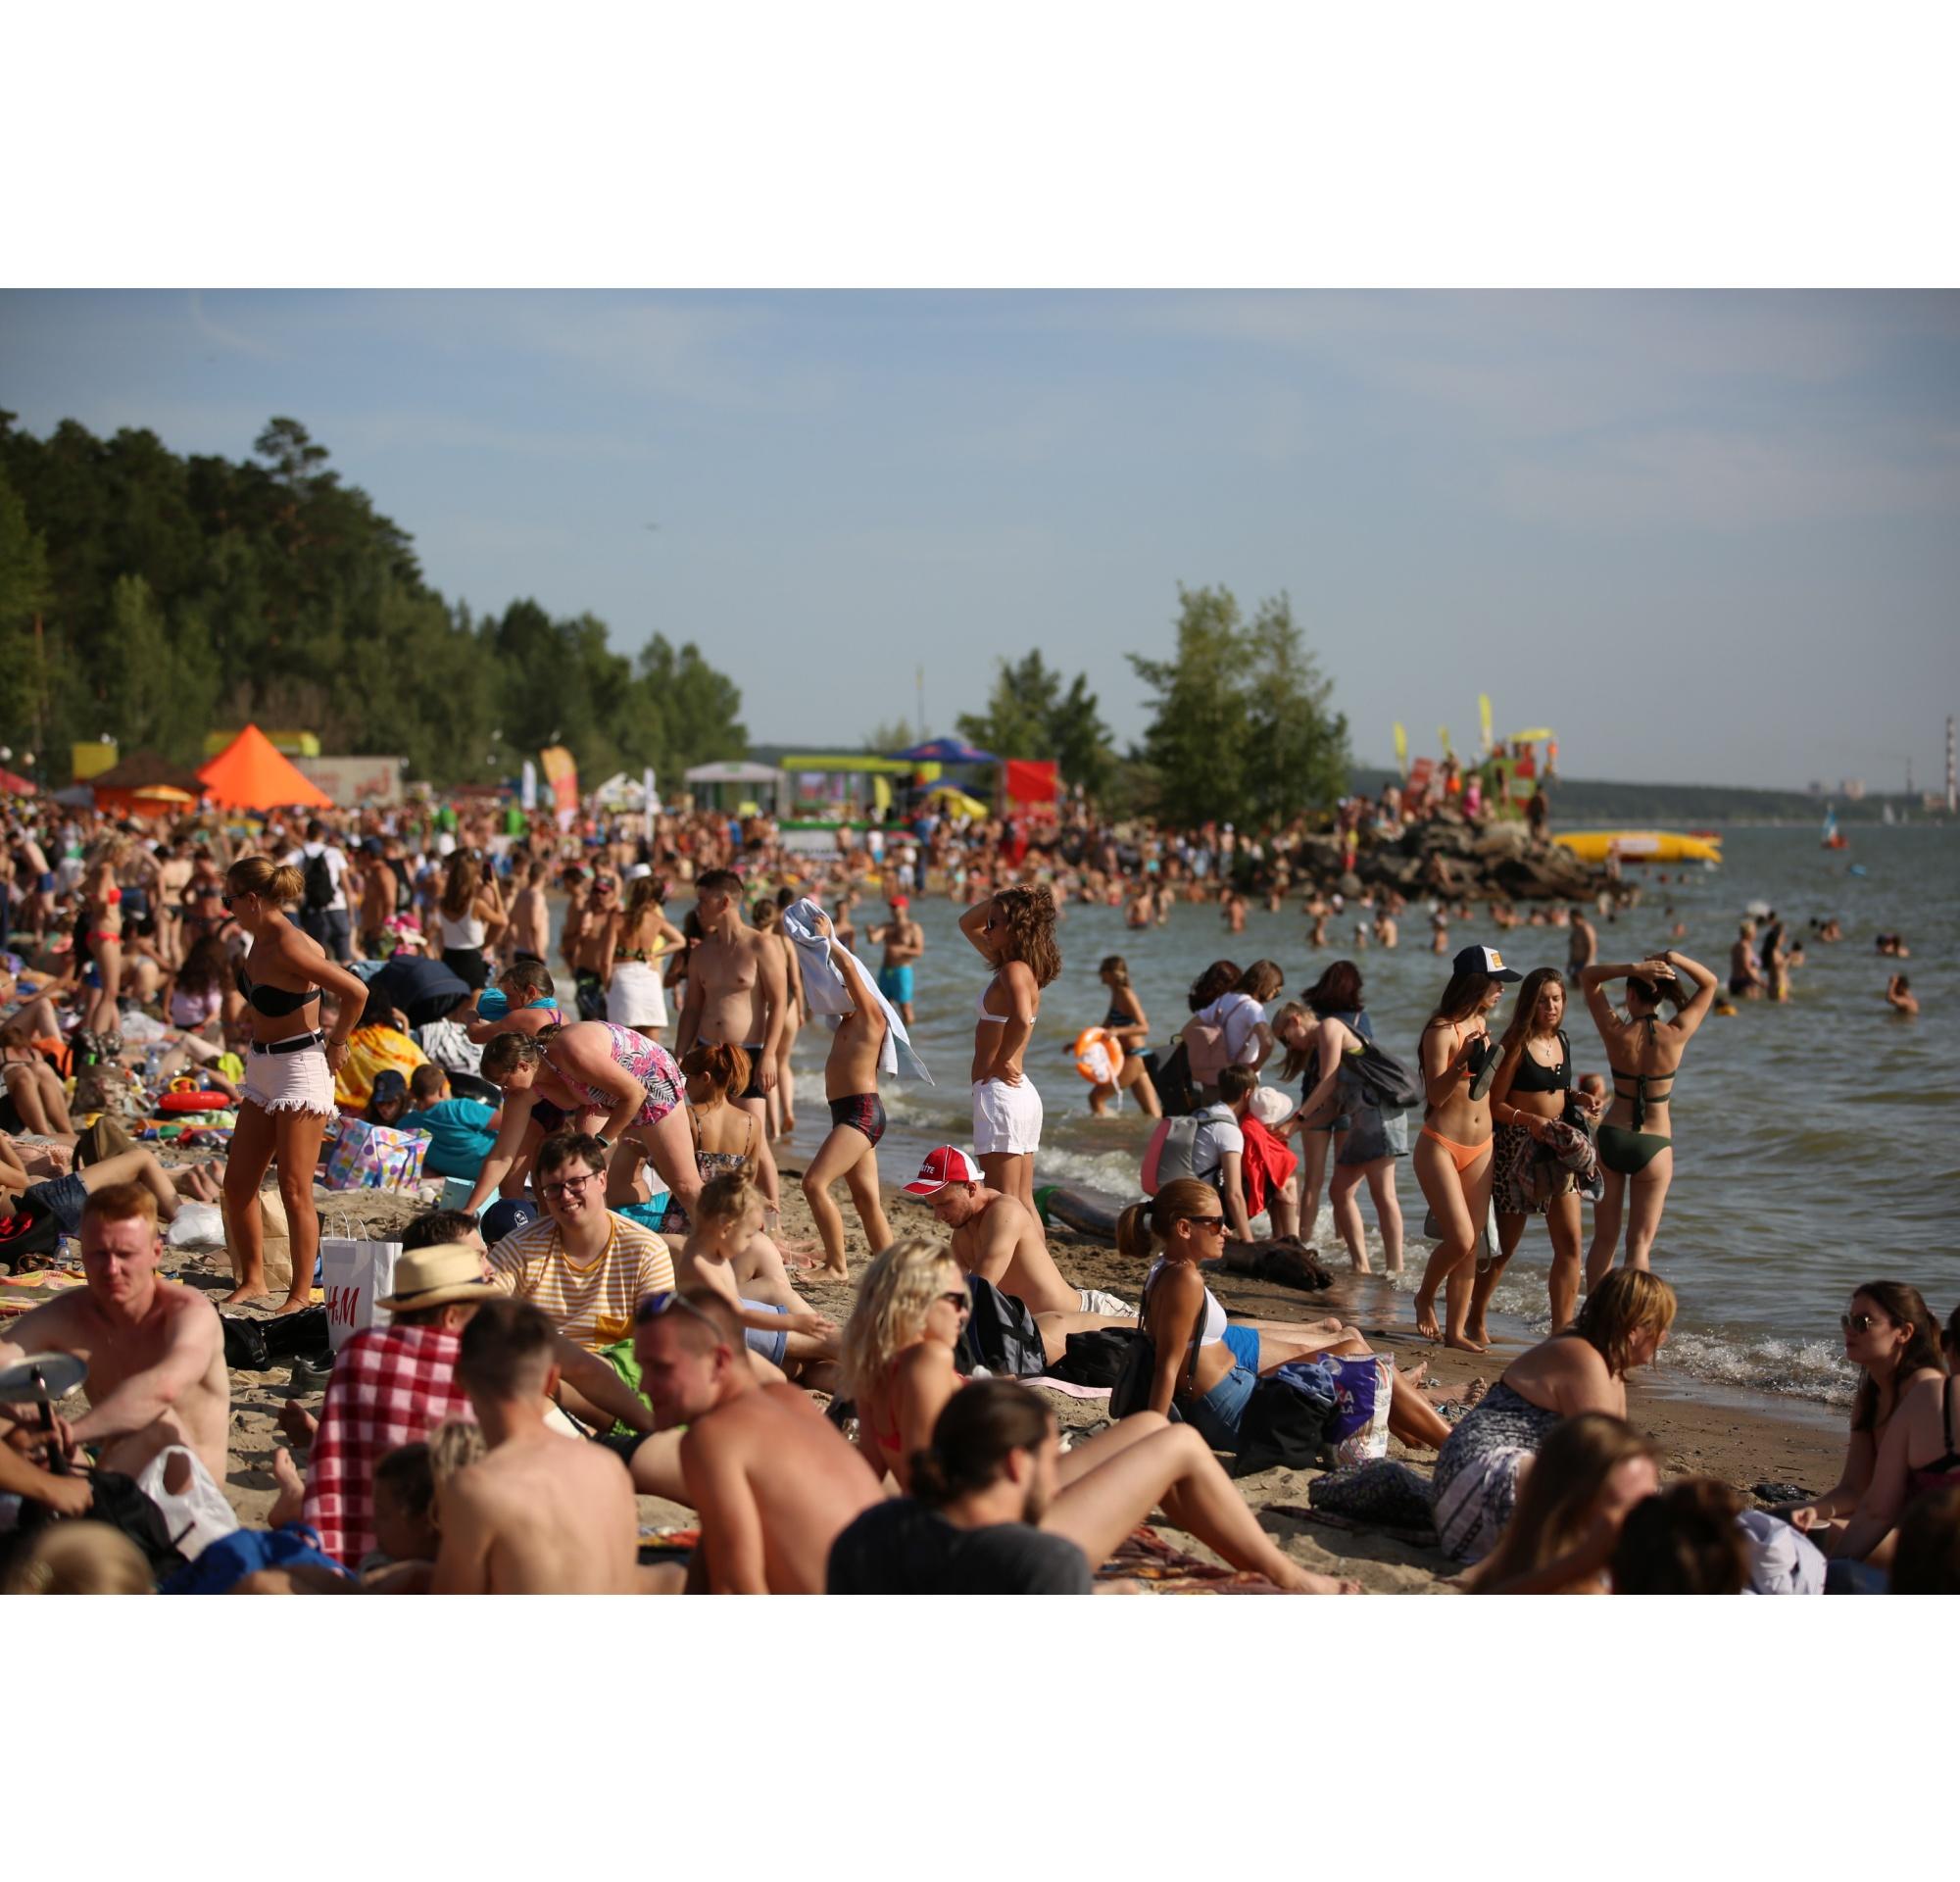 Пляж был буквально усыпан людьми